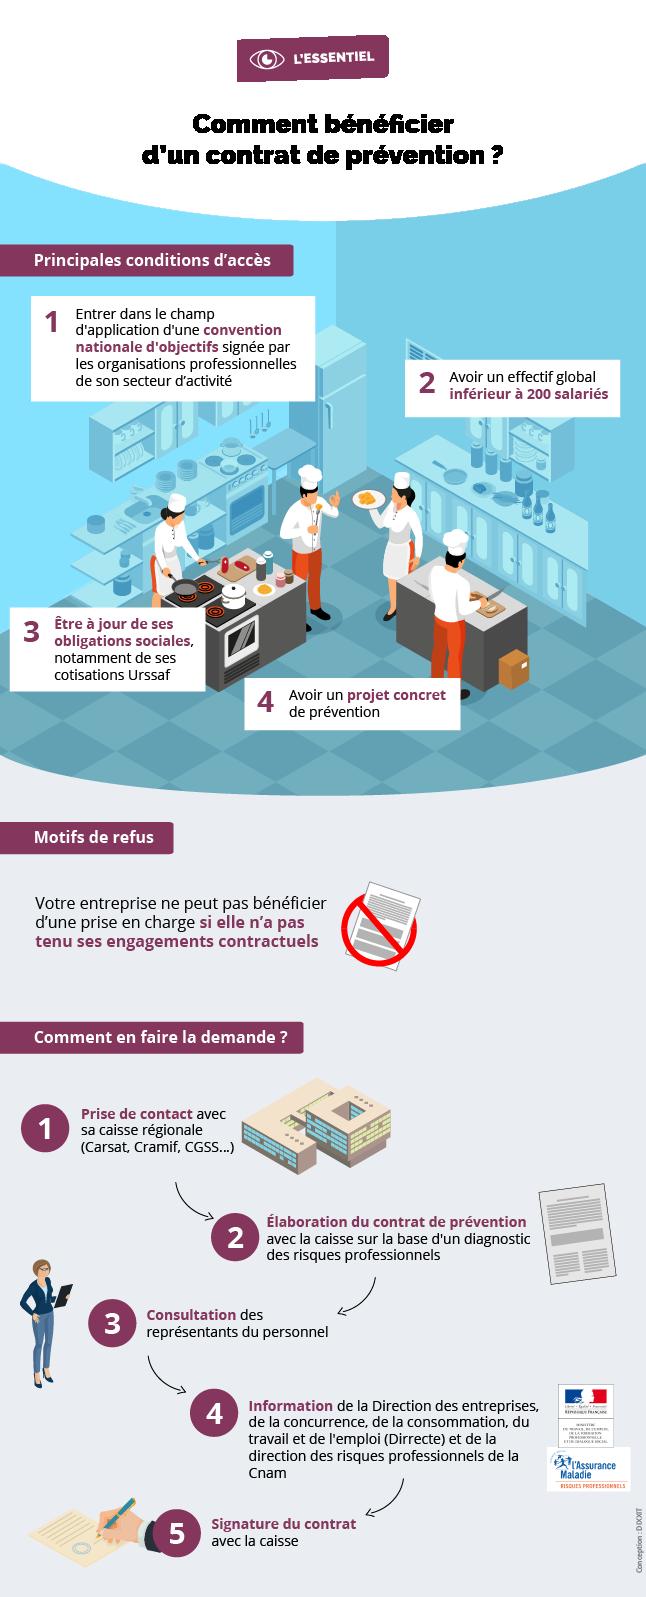 Infographie présentant les conditions d'accès, motifs de refus et démarches pour bénéficier d'un contrat de prévention